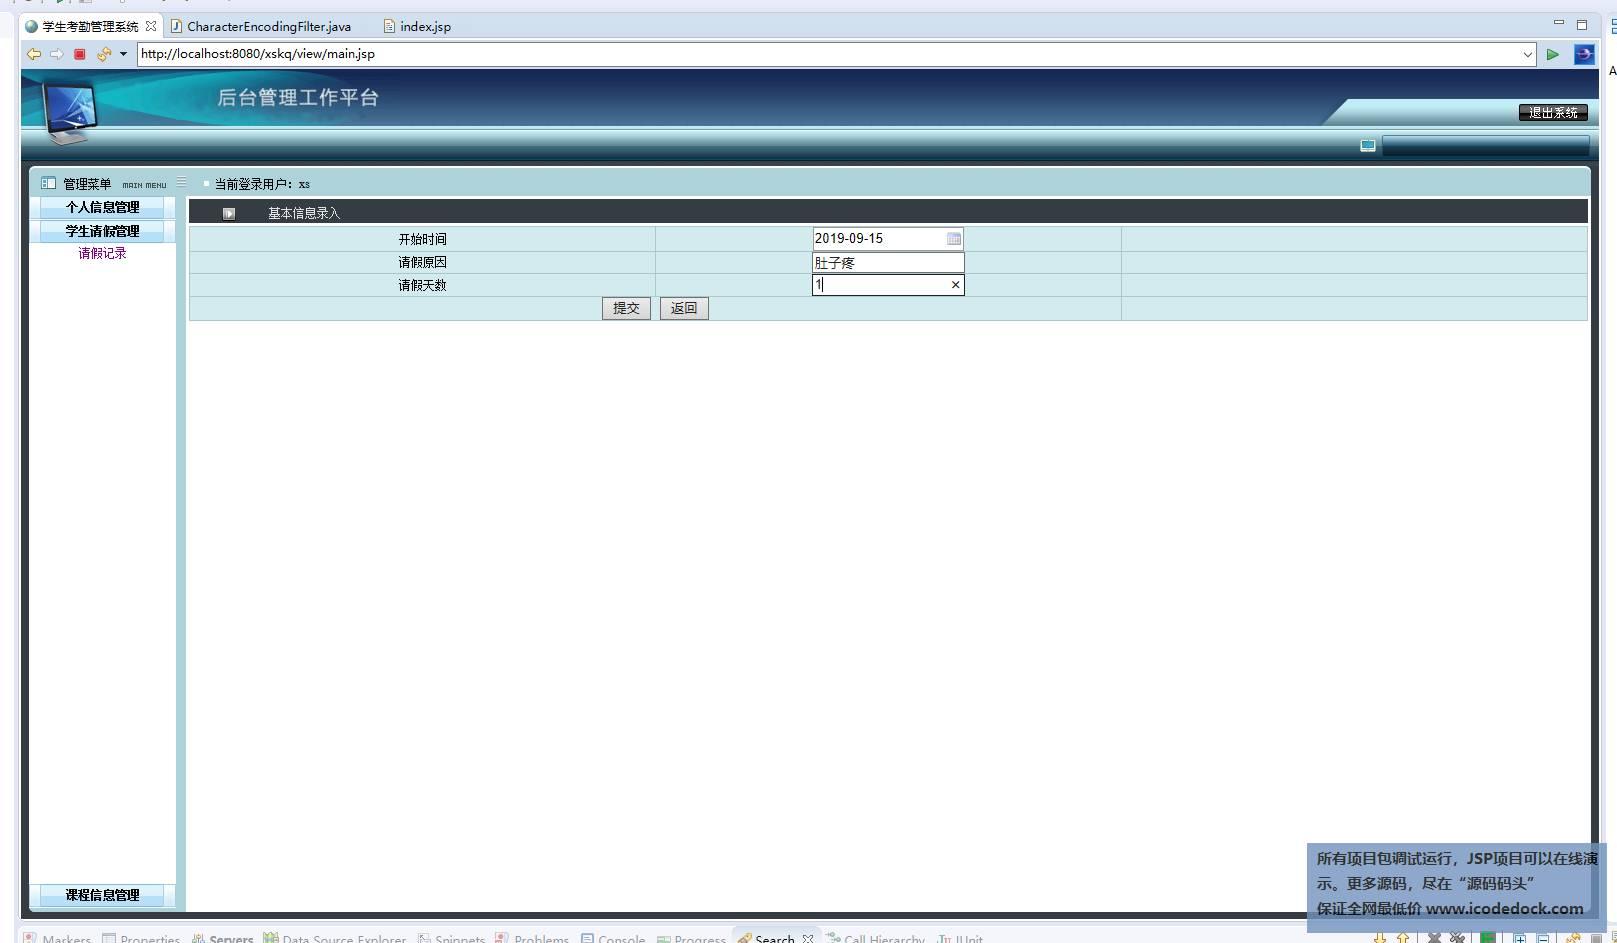 源码码头-JSP学生考勤管理系统-学生角色-添加请假记录